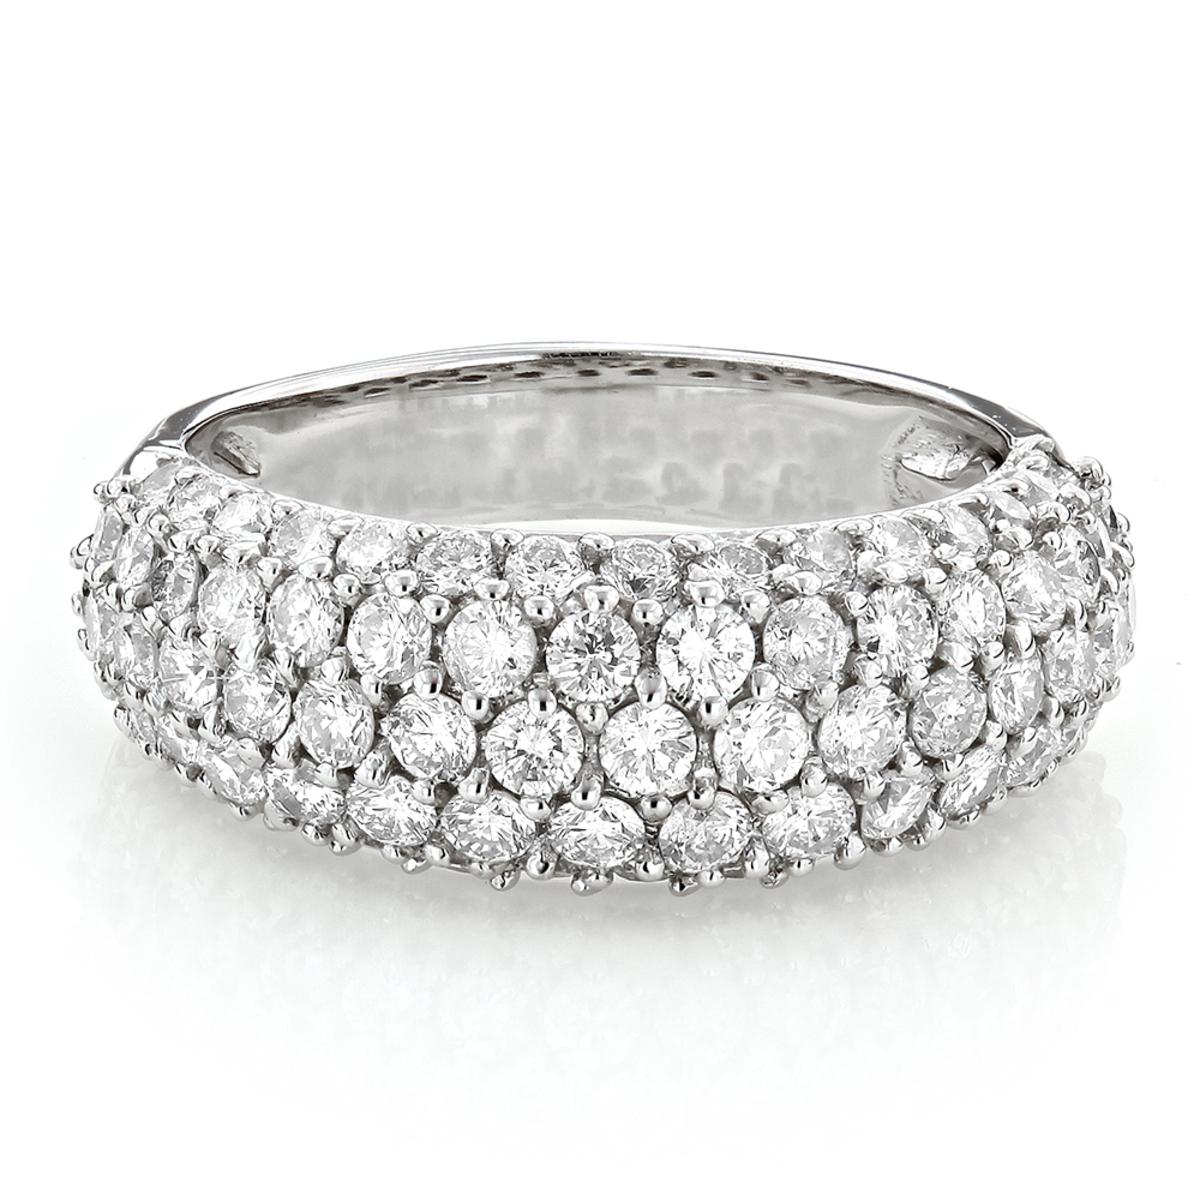 Pave Ladies Diamond Wedding Band 2.2ct 14K Gold Ring